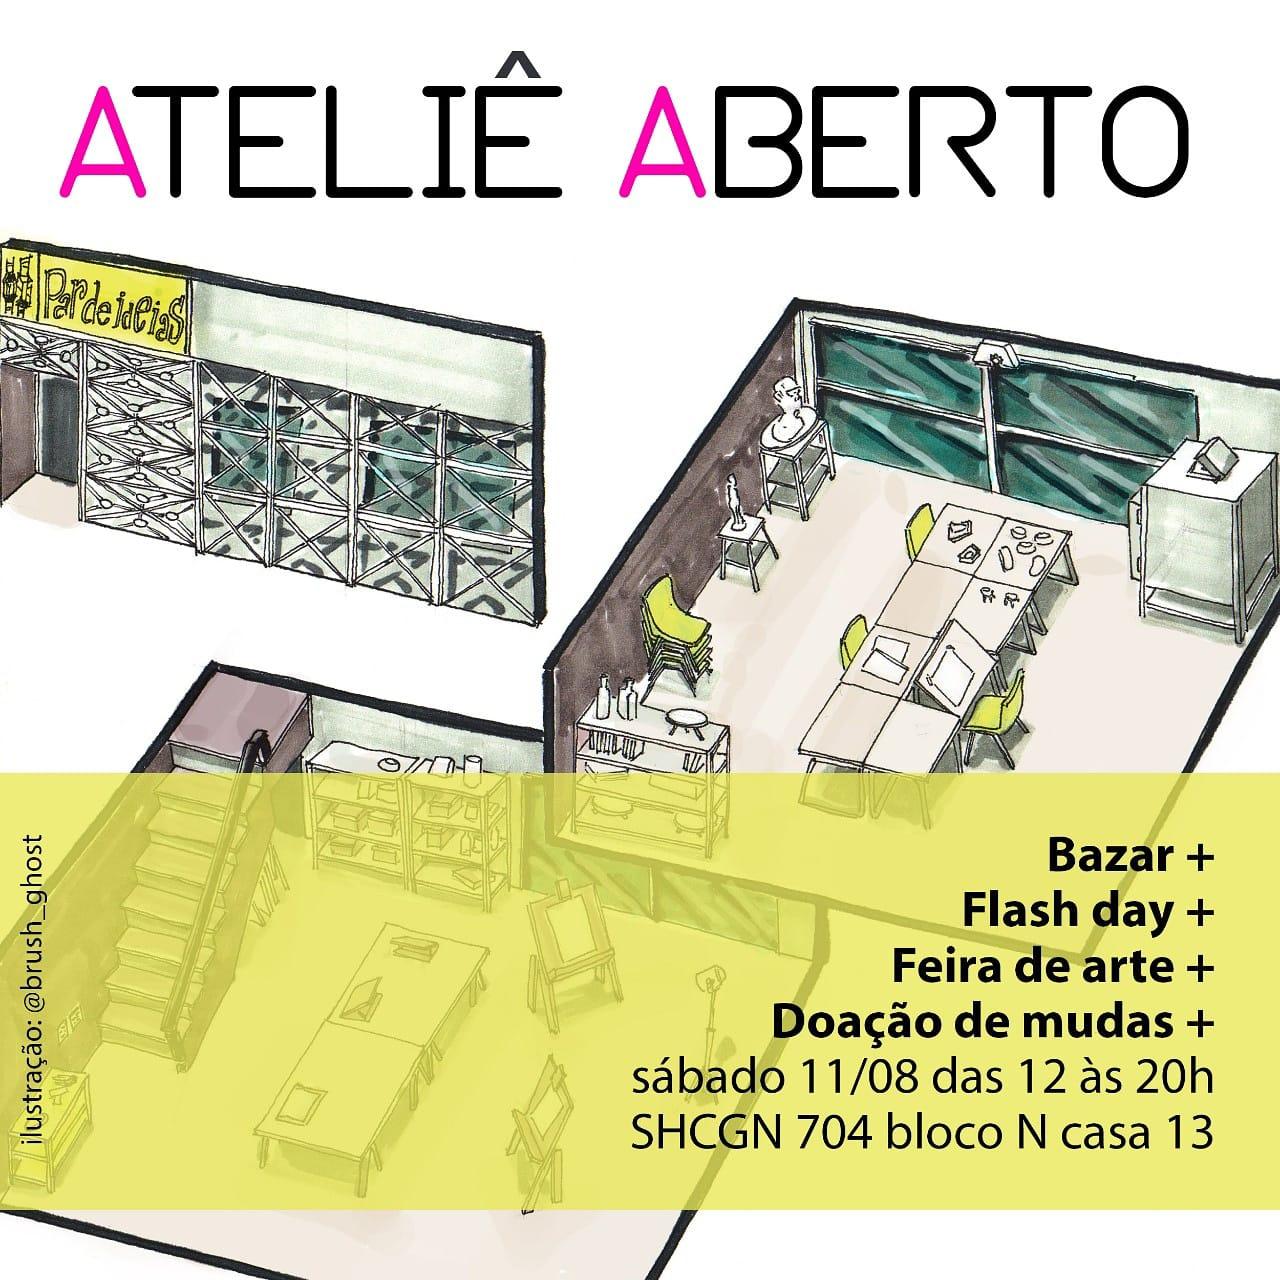 Ateliê Aberto